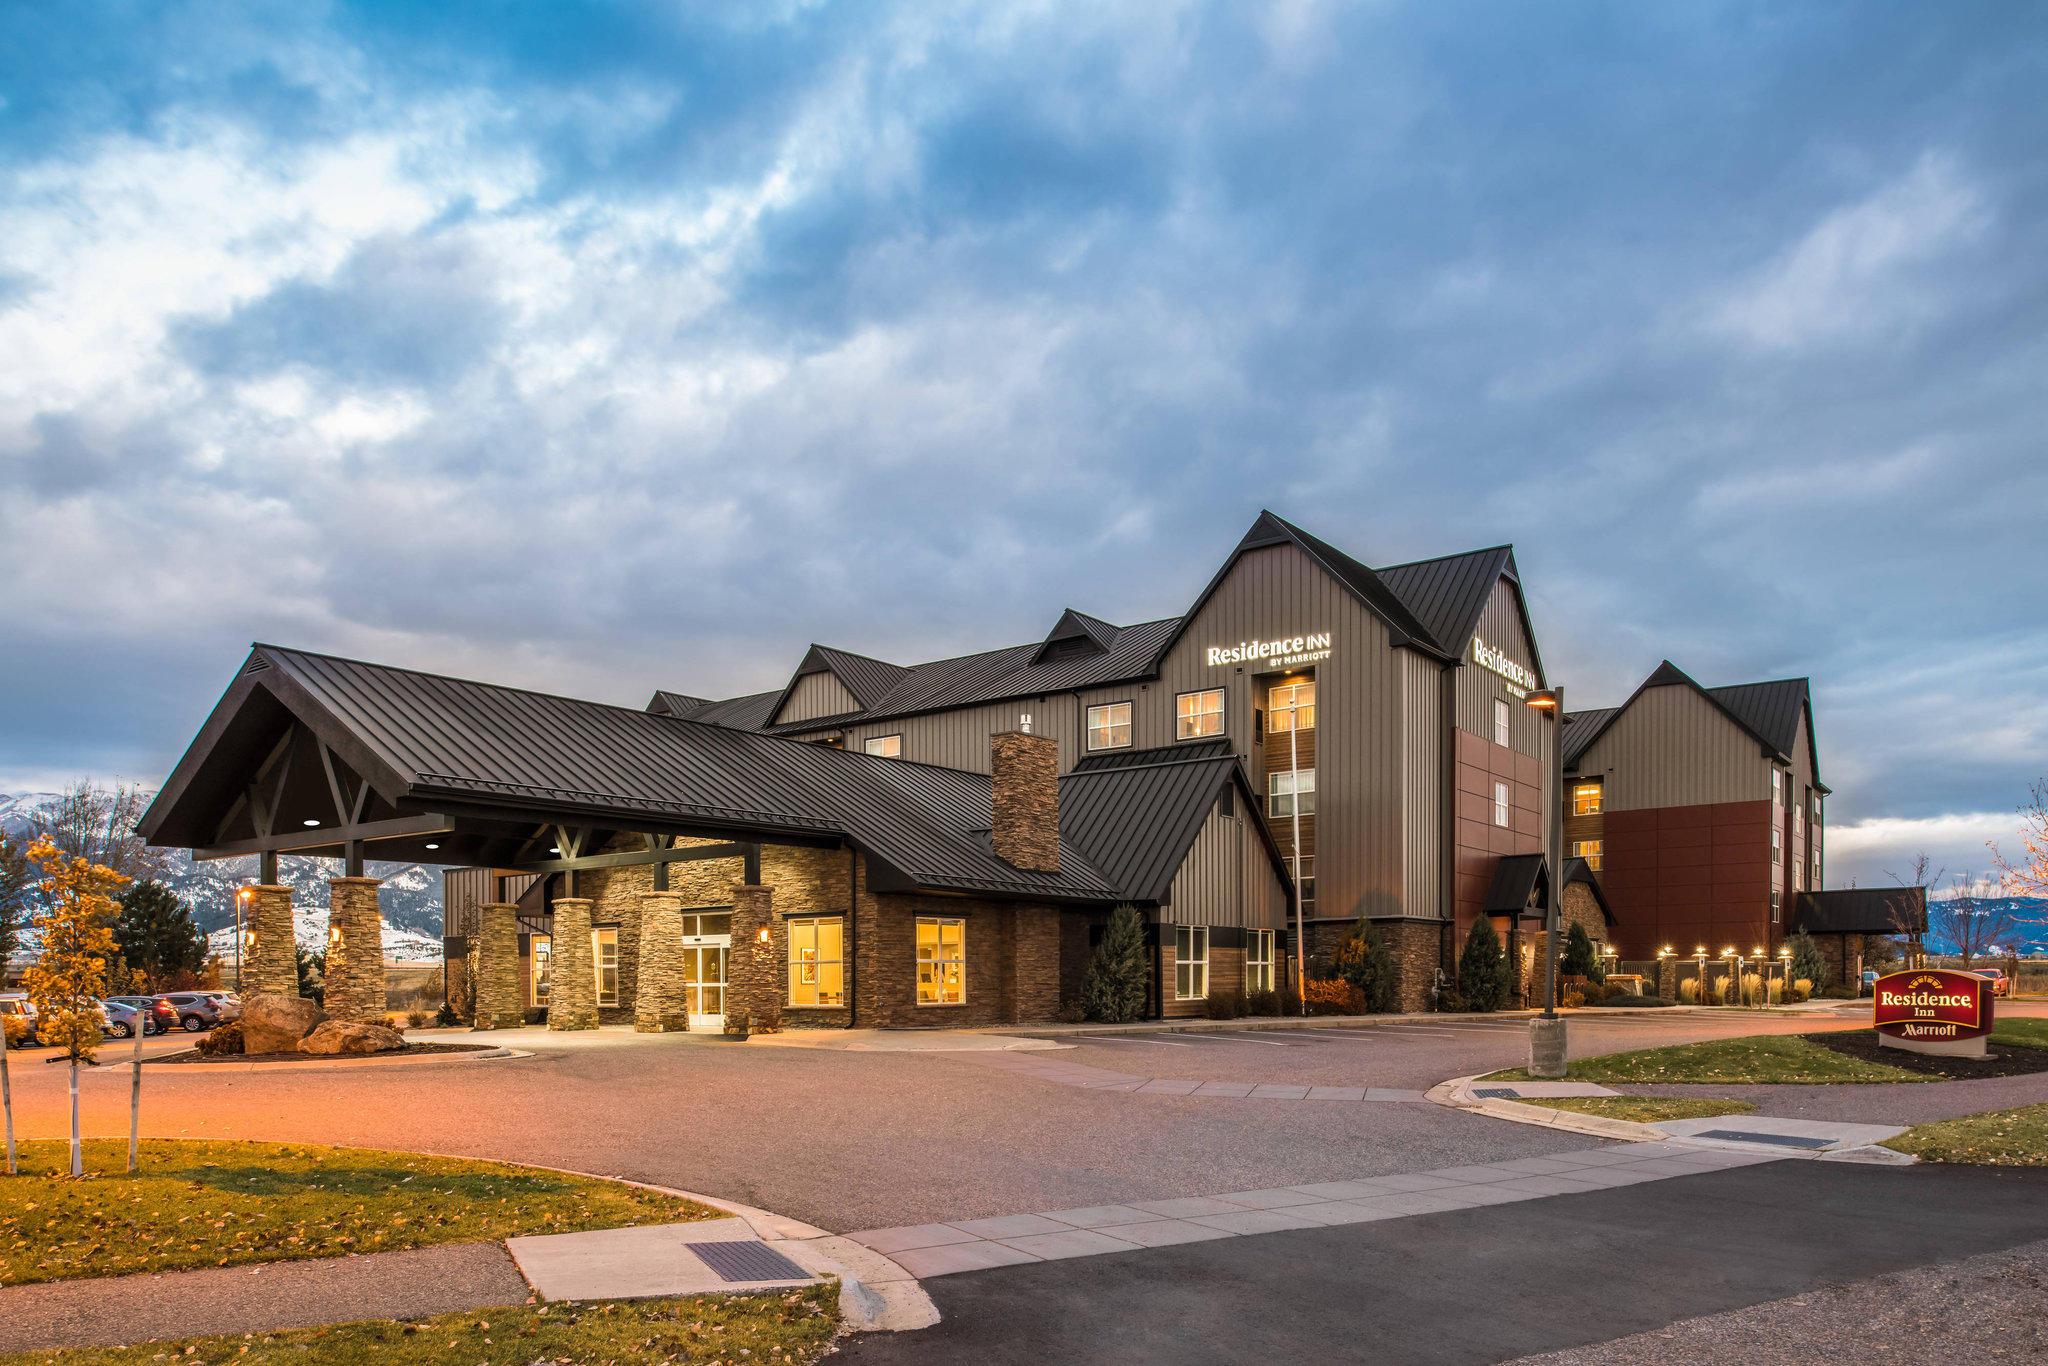 Residence Inn by Marriott Bozeman